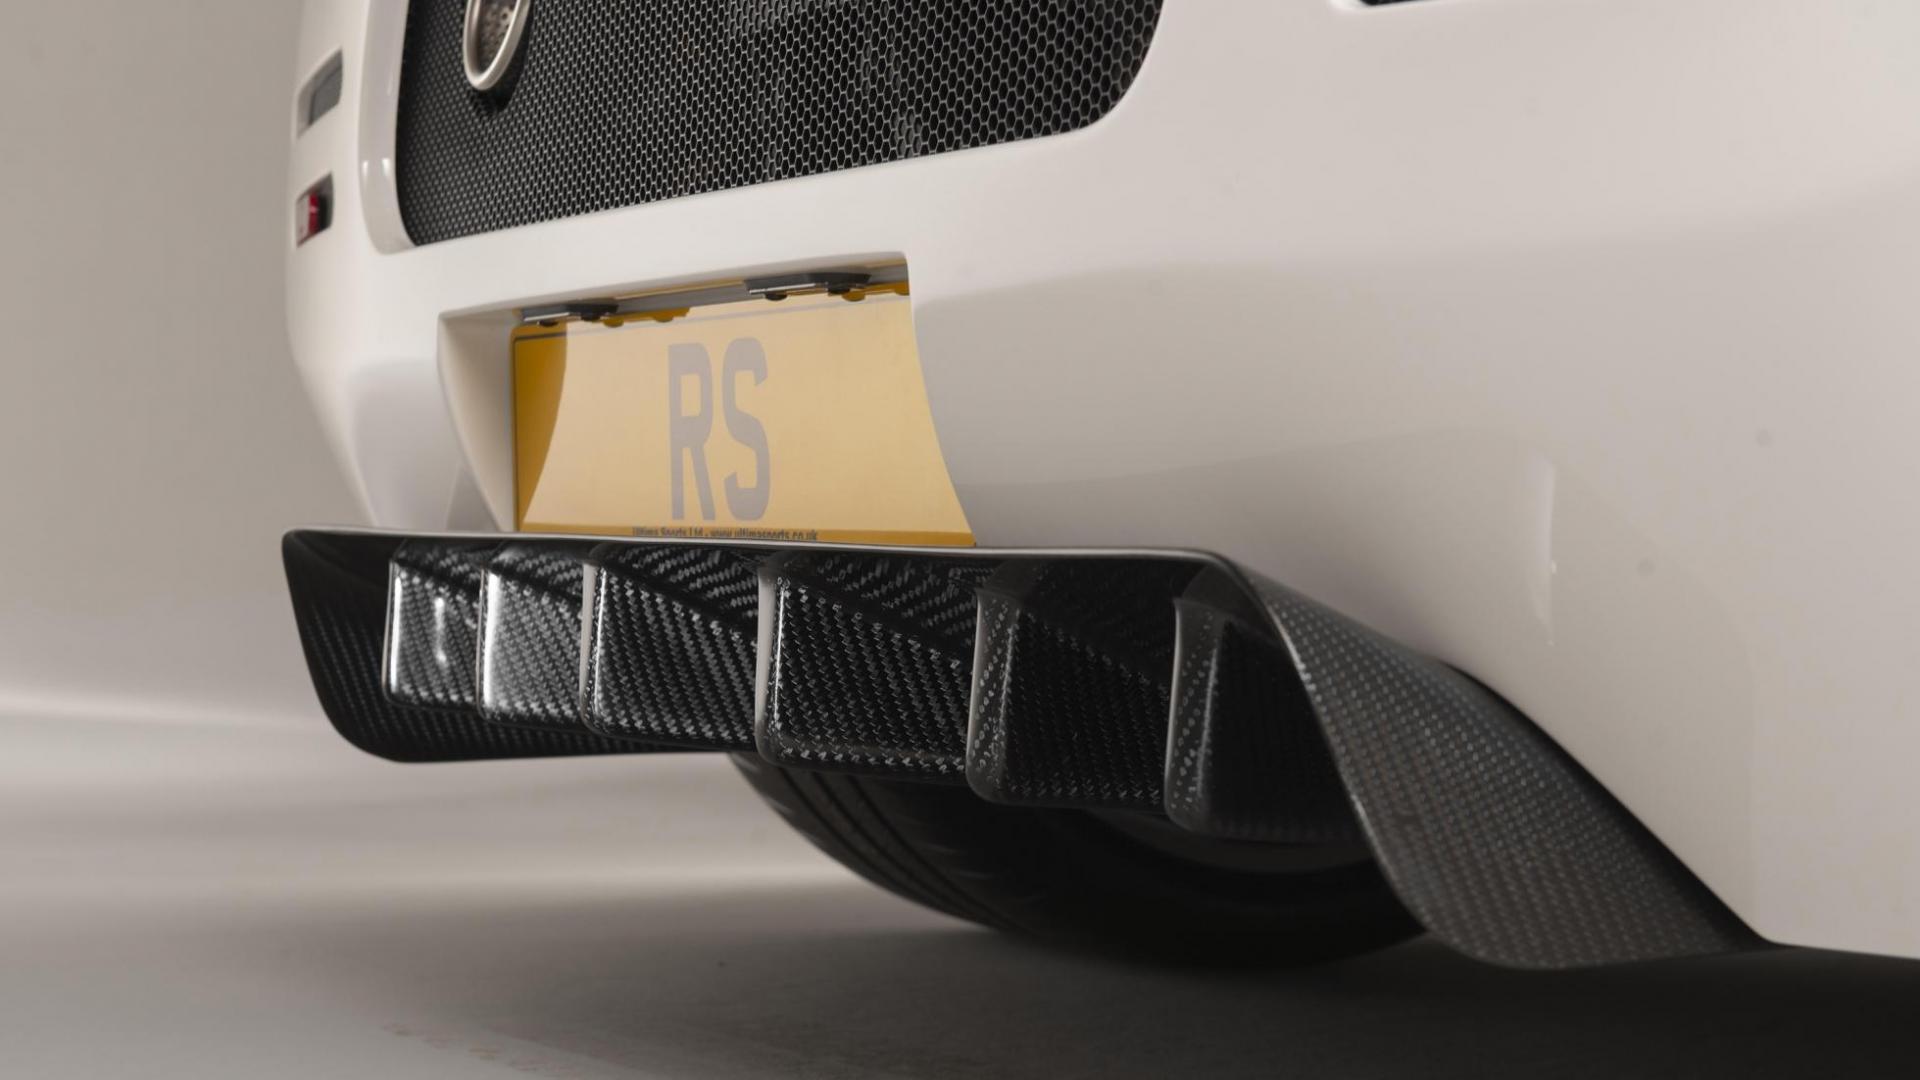 Ultima RS diffuser koolstofvezel